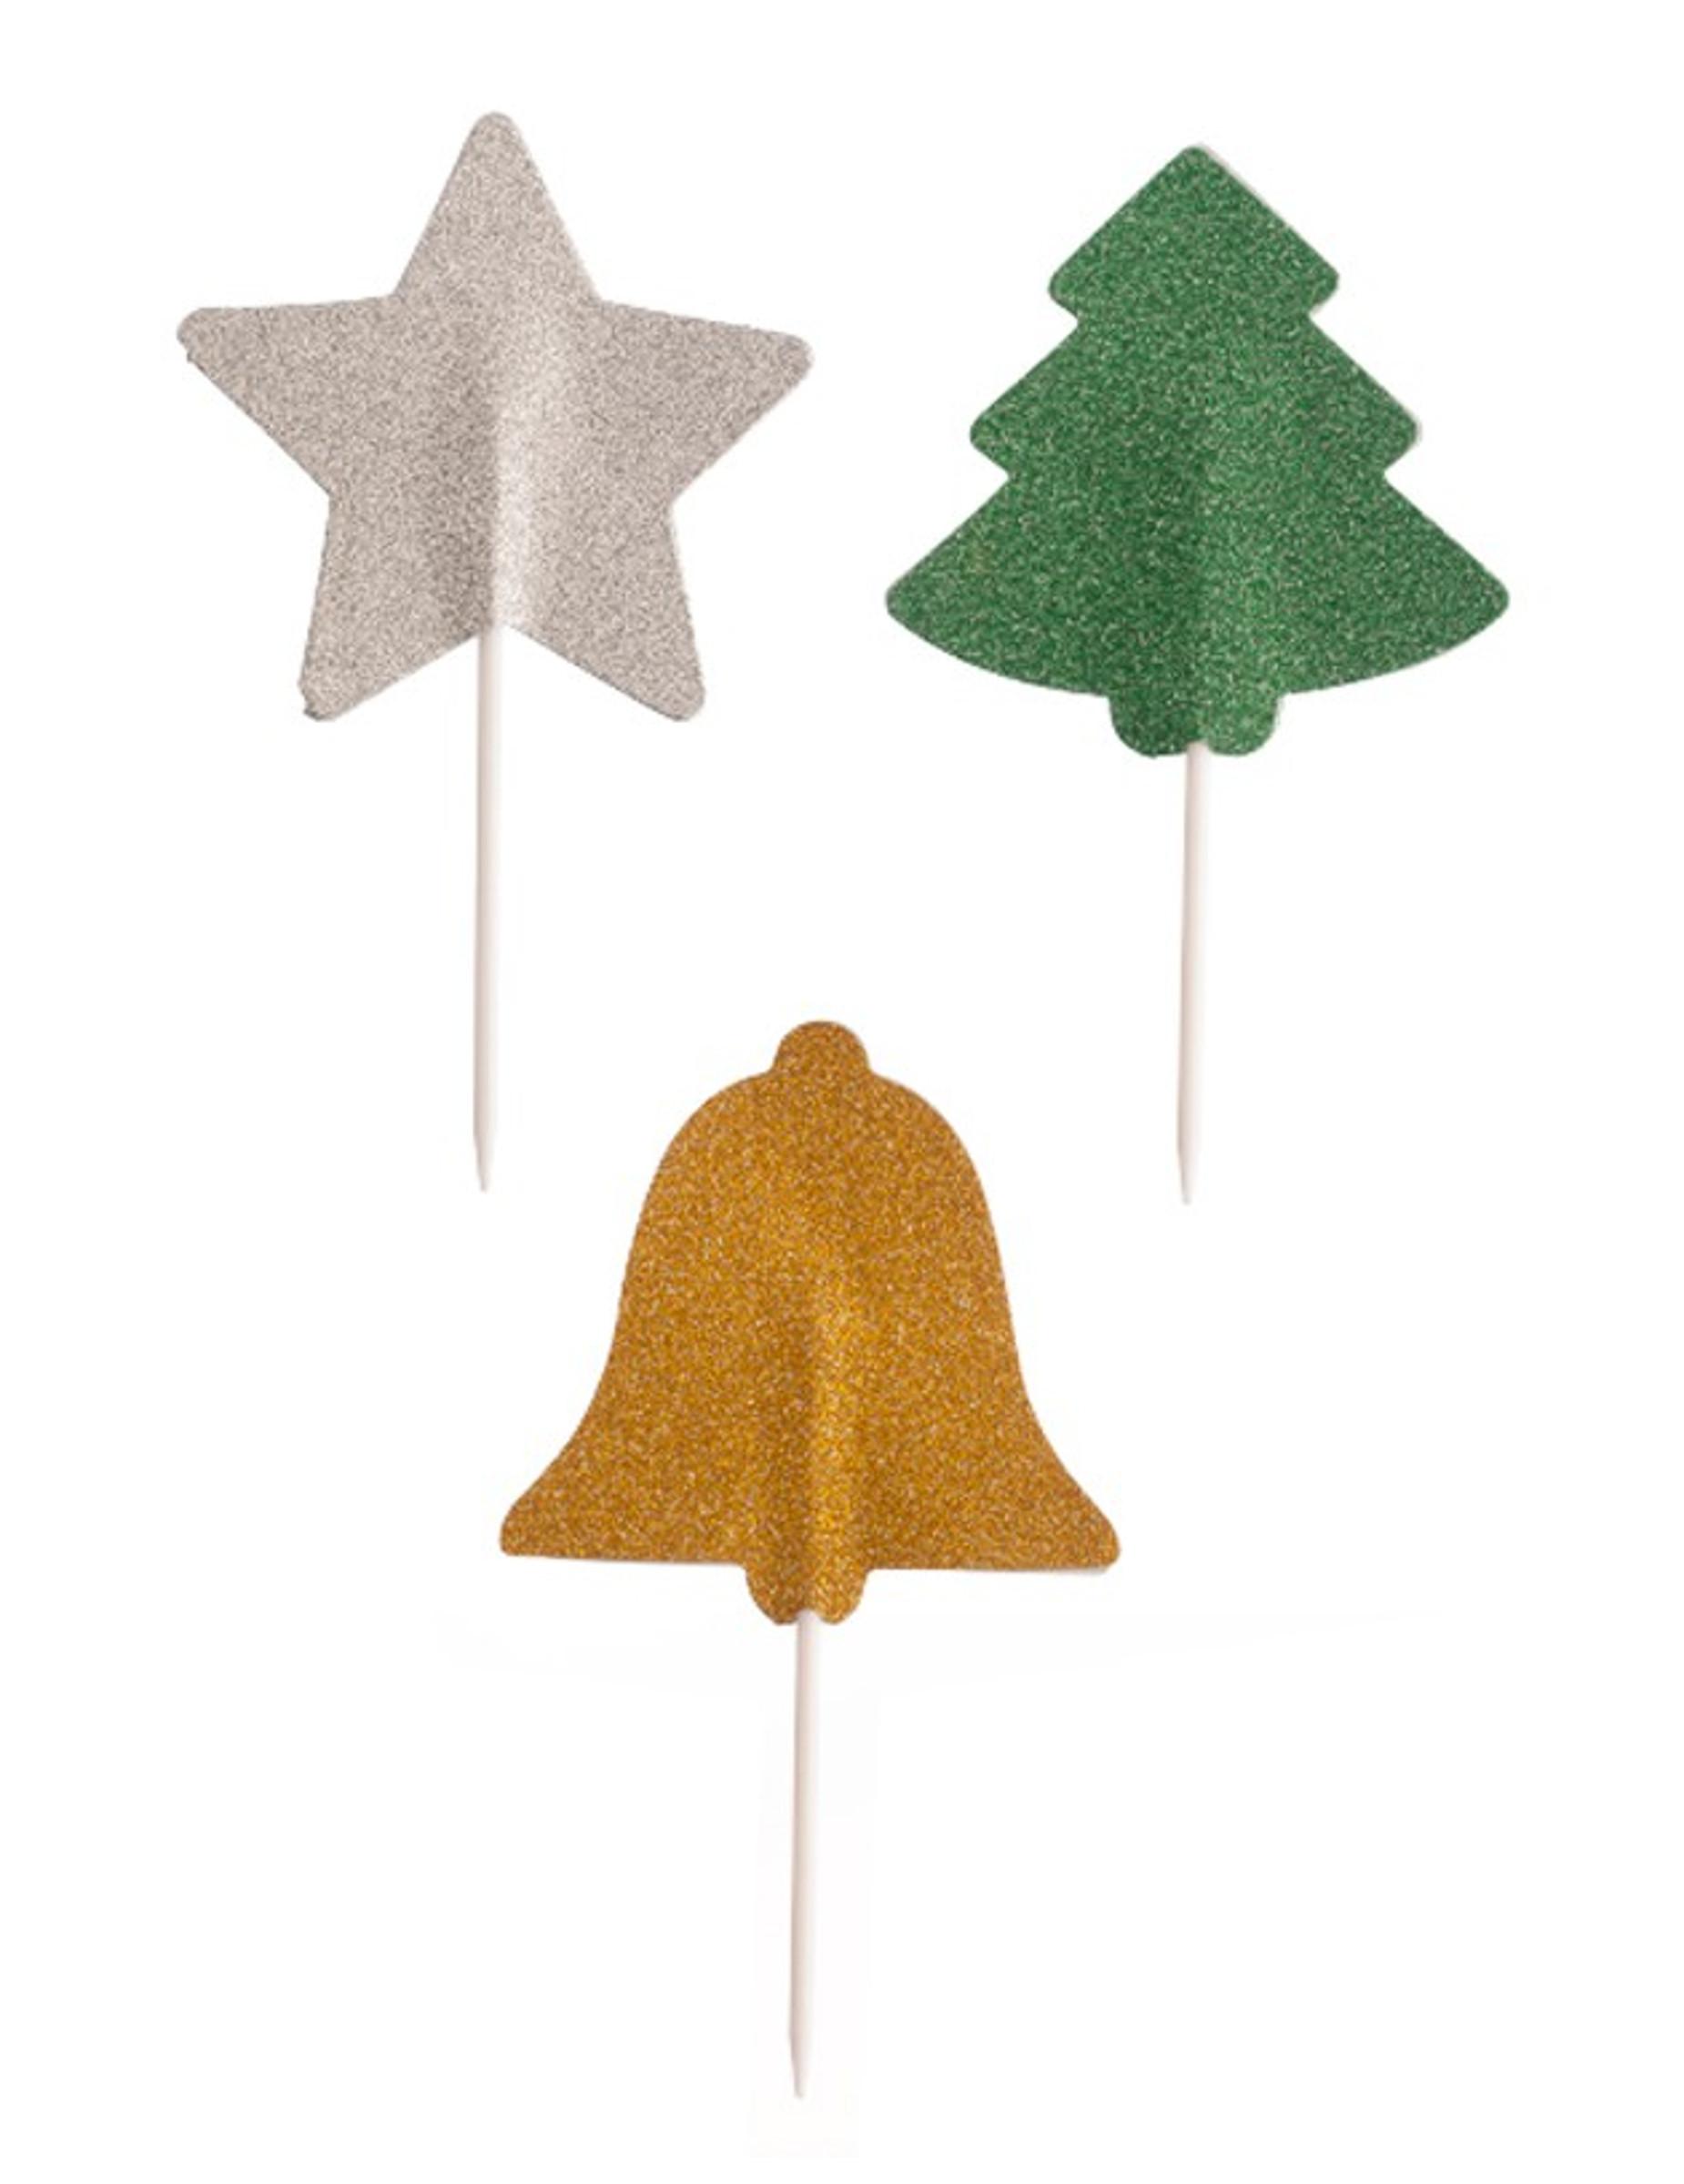 3 decorazioni per dolci natalizie su vegaooparty negozio - Decorazioni natalizie per dolci ...